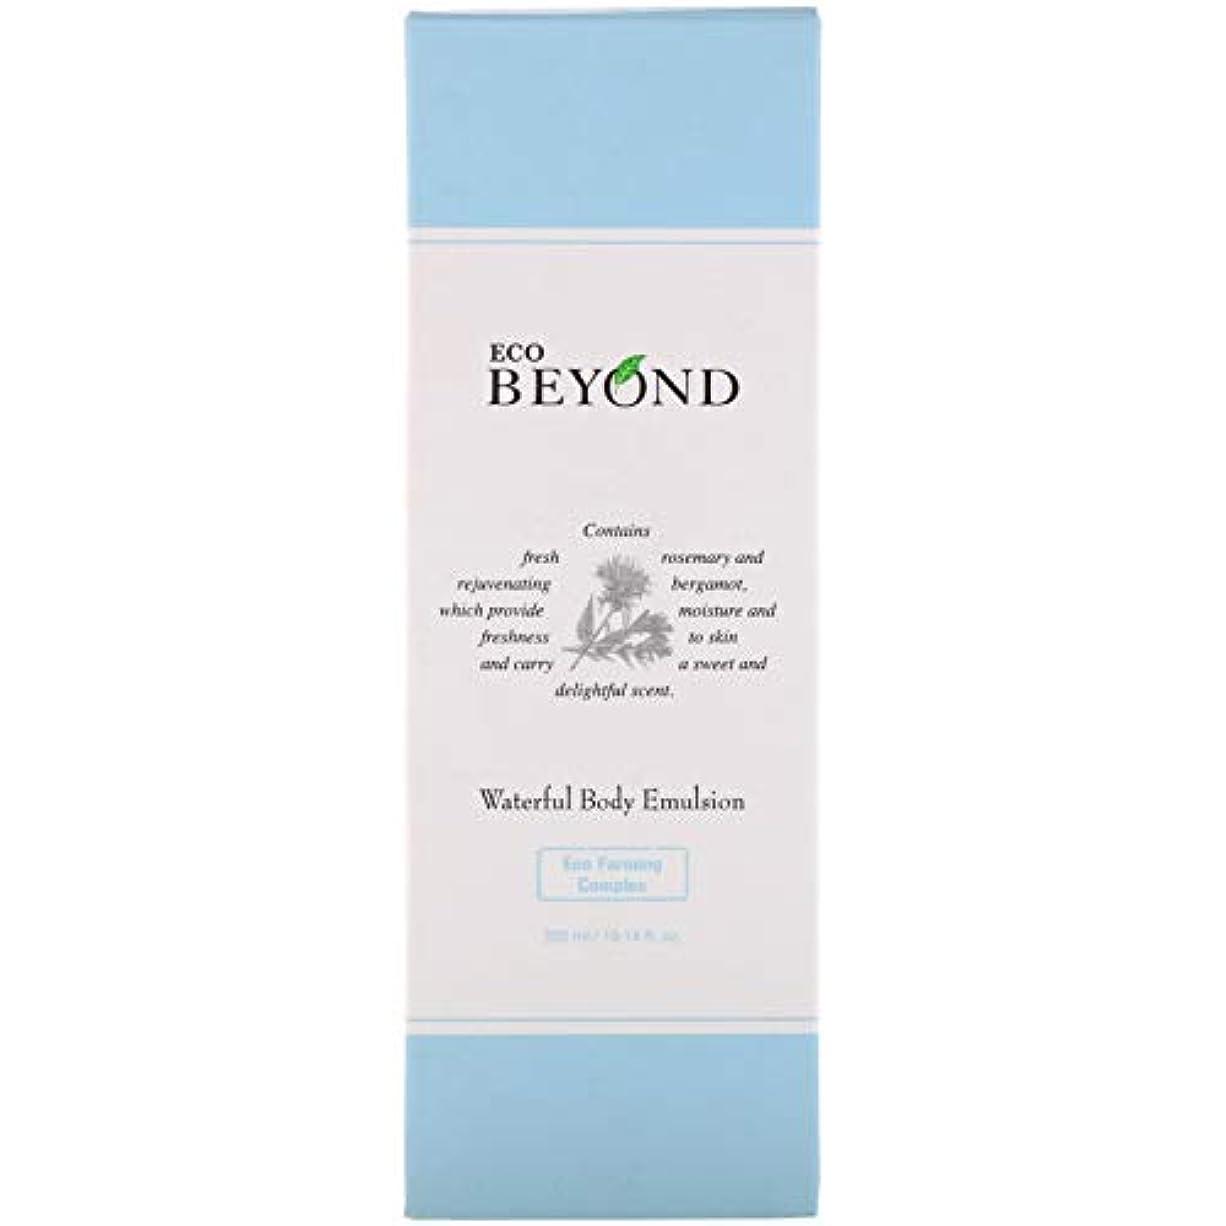 ステンレスリングバック保護する[ビヨンド] BEYOND [ウォーターフル ボディ エマルジョン 300ml] Waterful Body Emulsion 300ml [海外直送品]